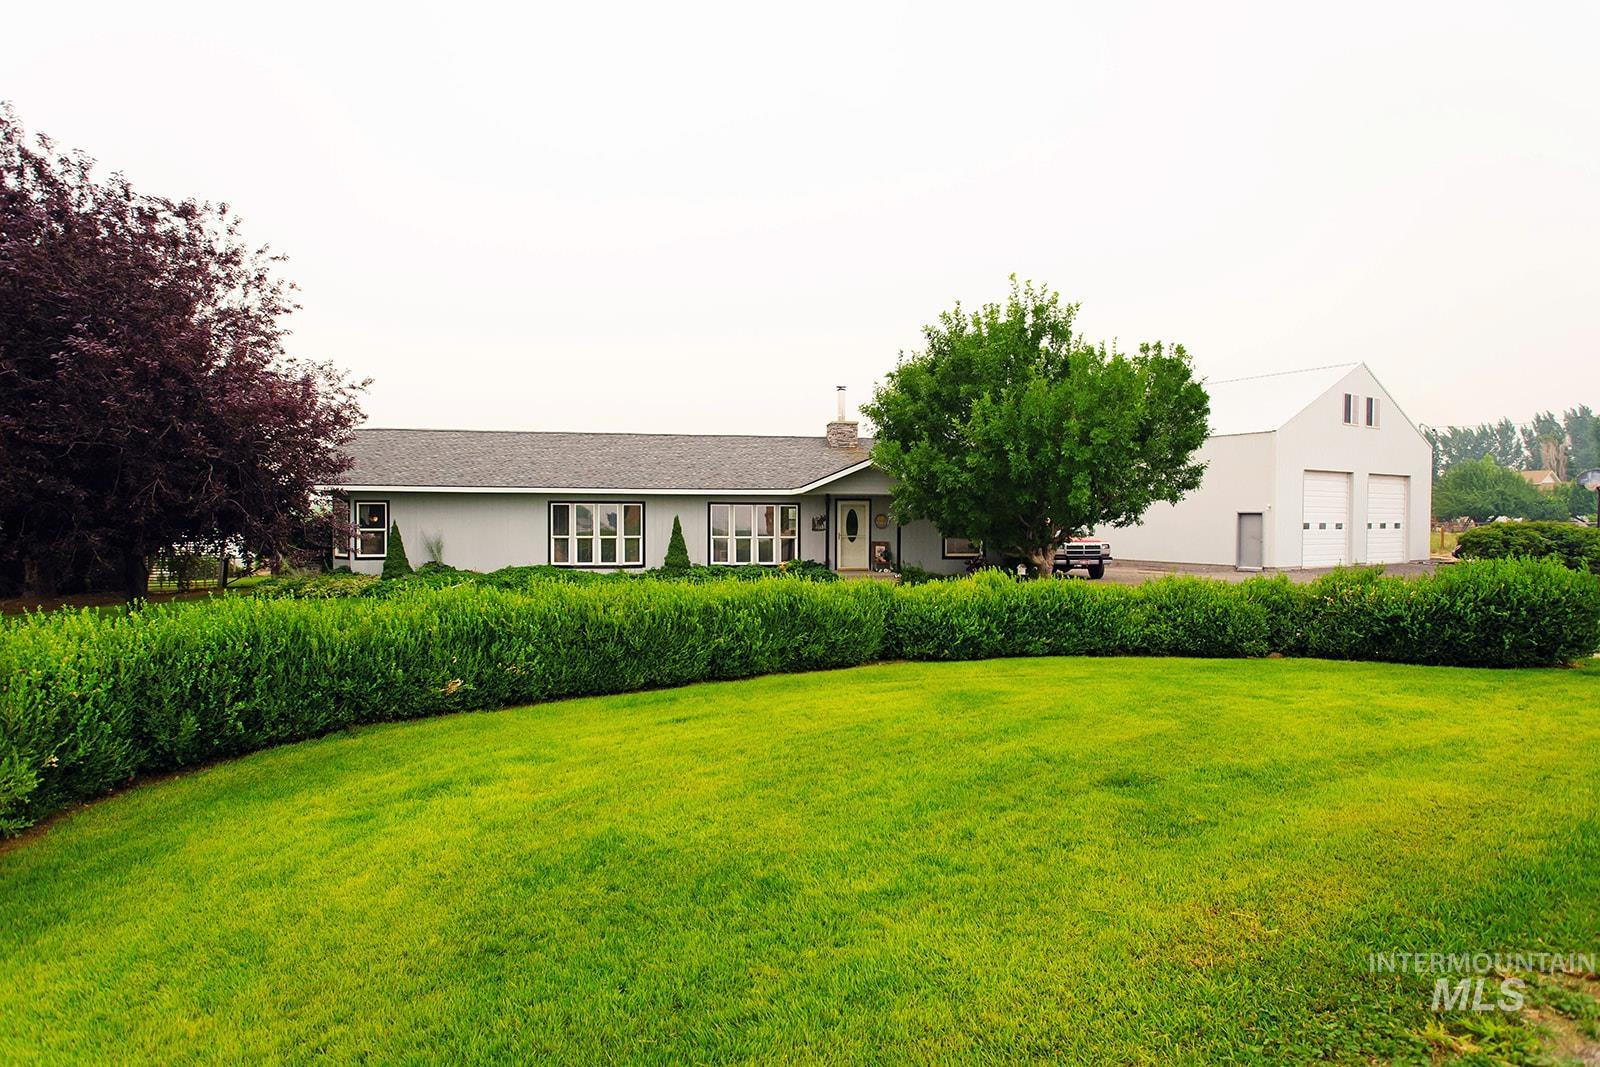 3640 N 3300 East Property Photo 1